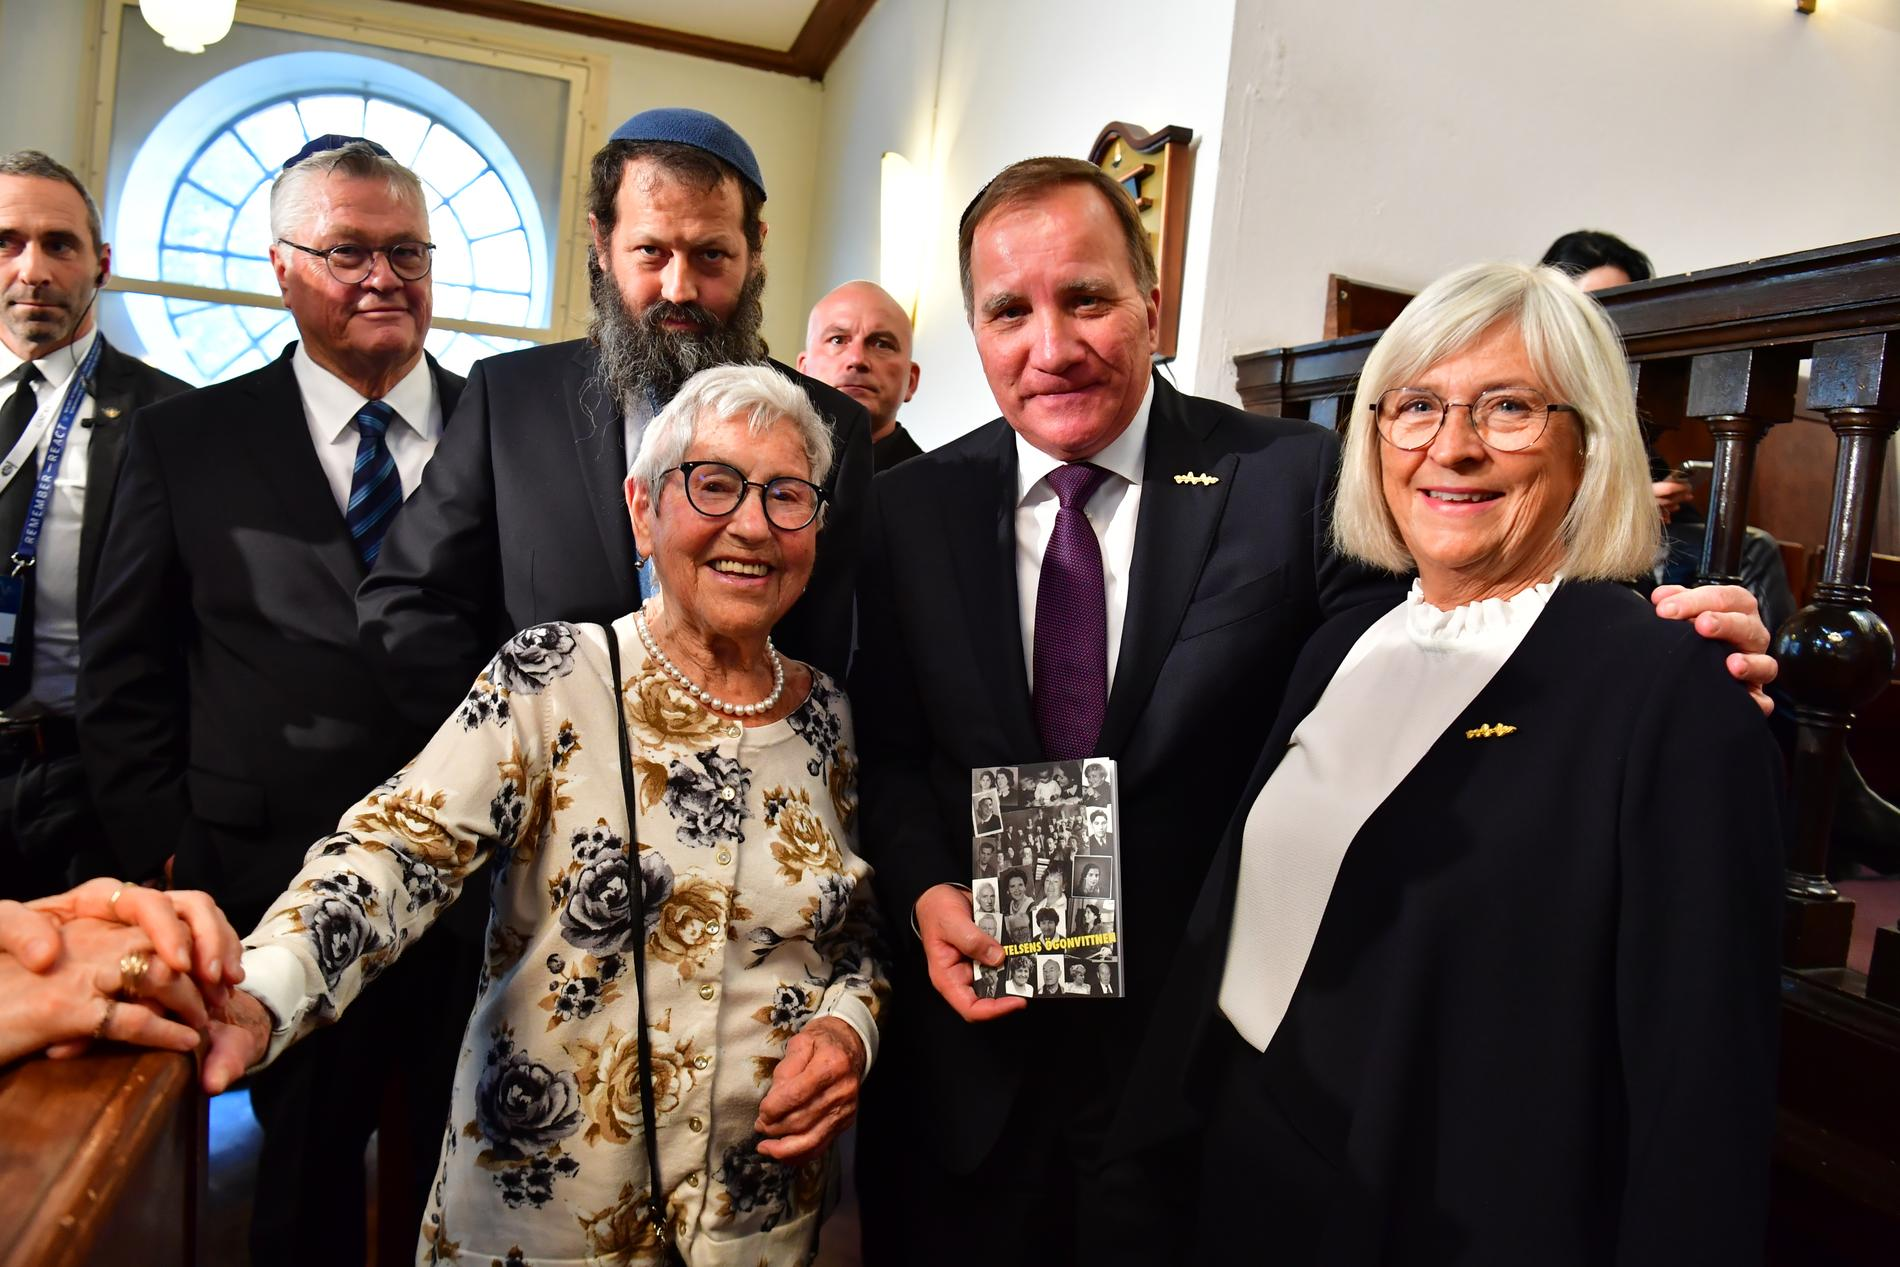 Stefan Löfven med fru Ulla träffar överlevaren Lea Gleitman (längst fram), under besöket i Malmö synagoga på tisdagen, inför förintelsekonferensen Malmöforumet.